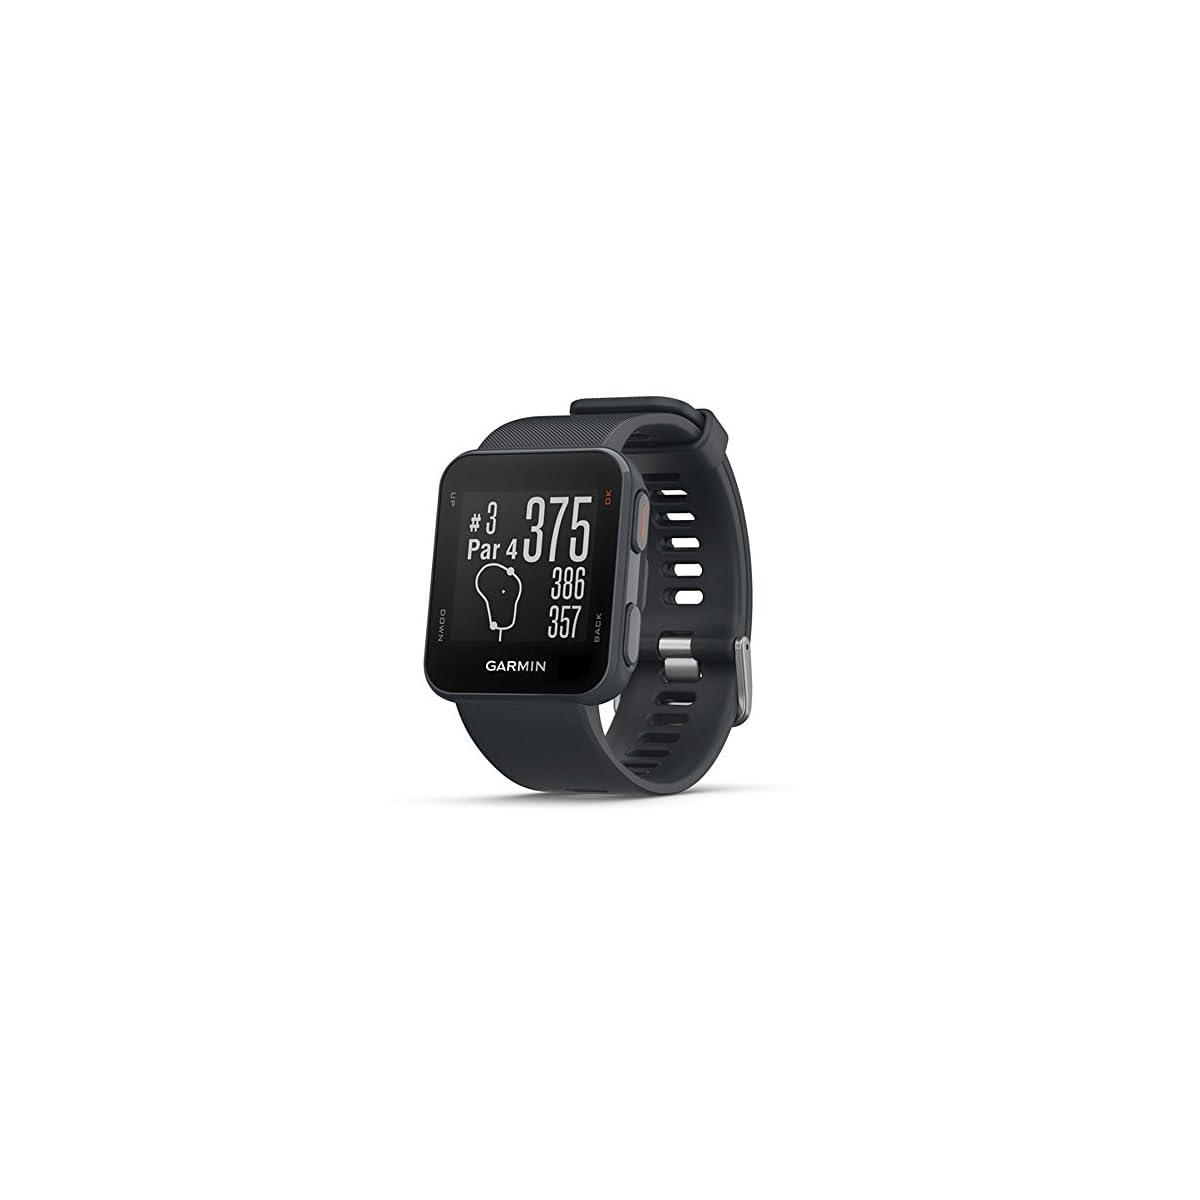 419LUxYJ9CL. SS1200  - Garmin Approach S10 - Reloj de Golf (Campos mundiales preinstalados, Resistencia al Agua 5 ATM)